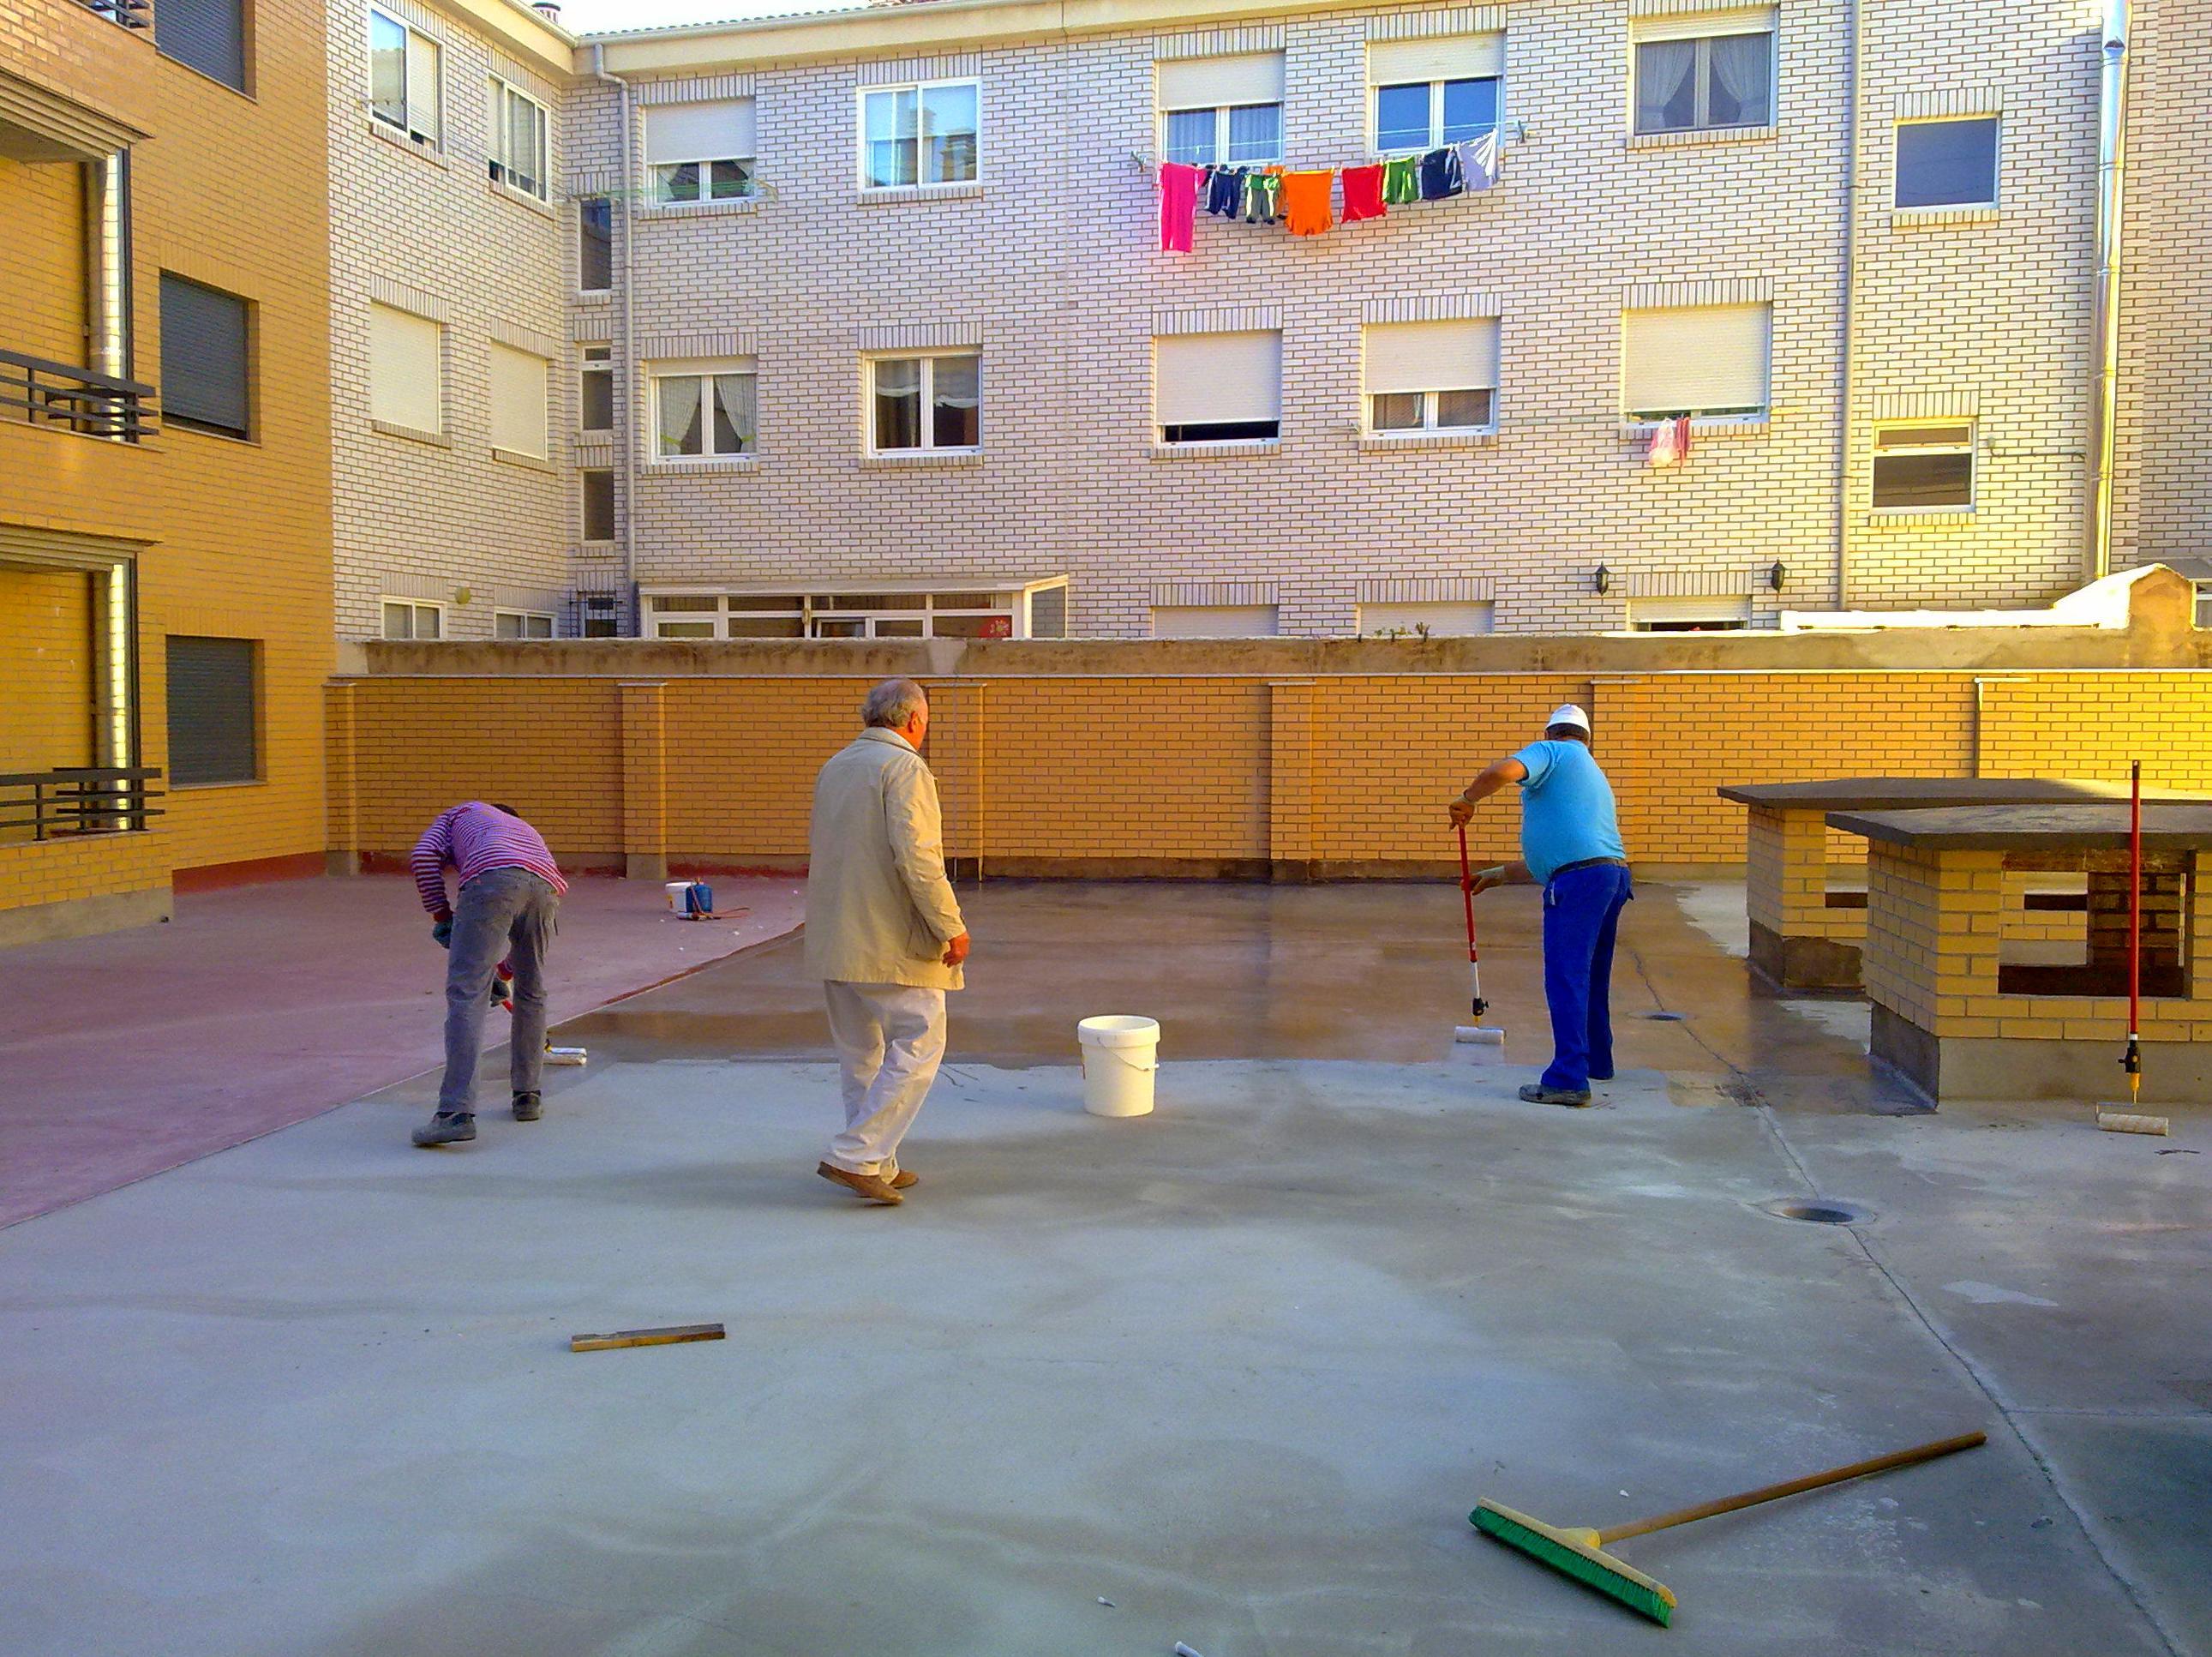 Impermeabilización de terraza transitable con membrana de poliuretano elástica MASTERSEAL 640